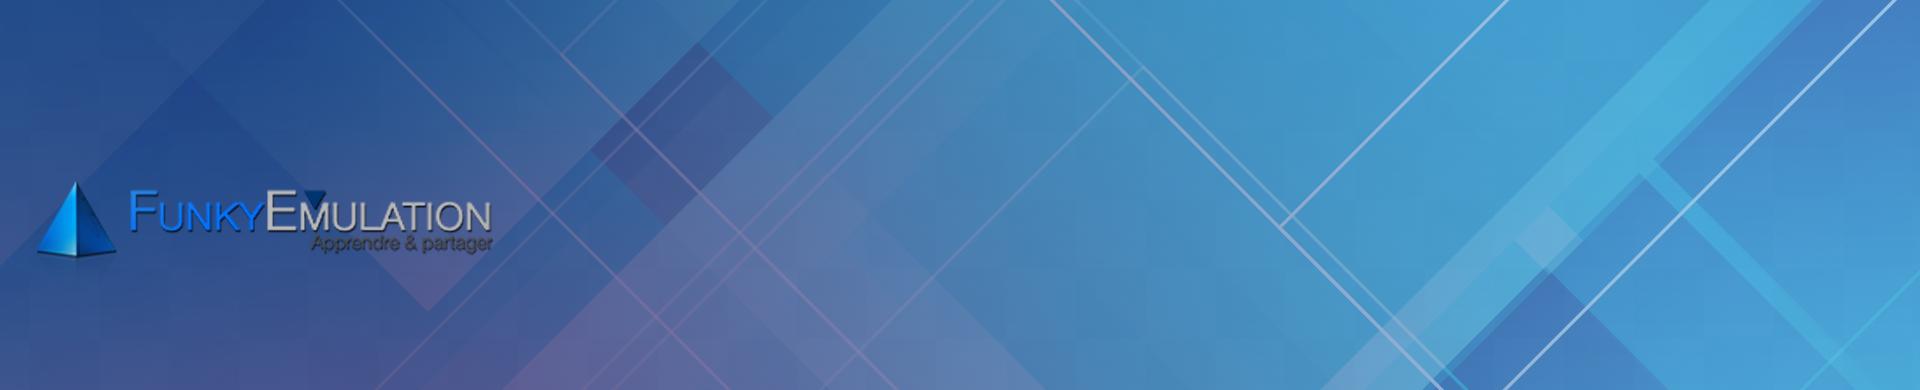 [Commande] Header Site web 126005essaiheade2r